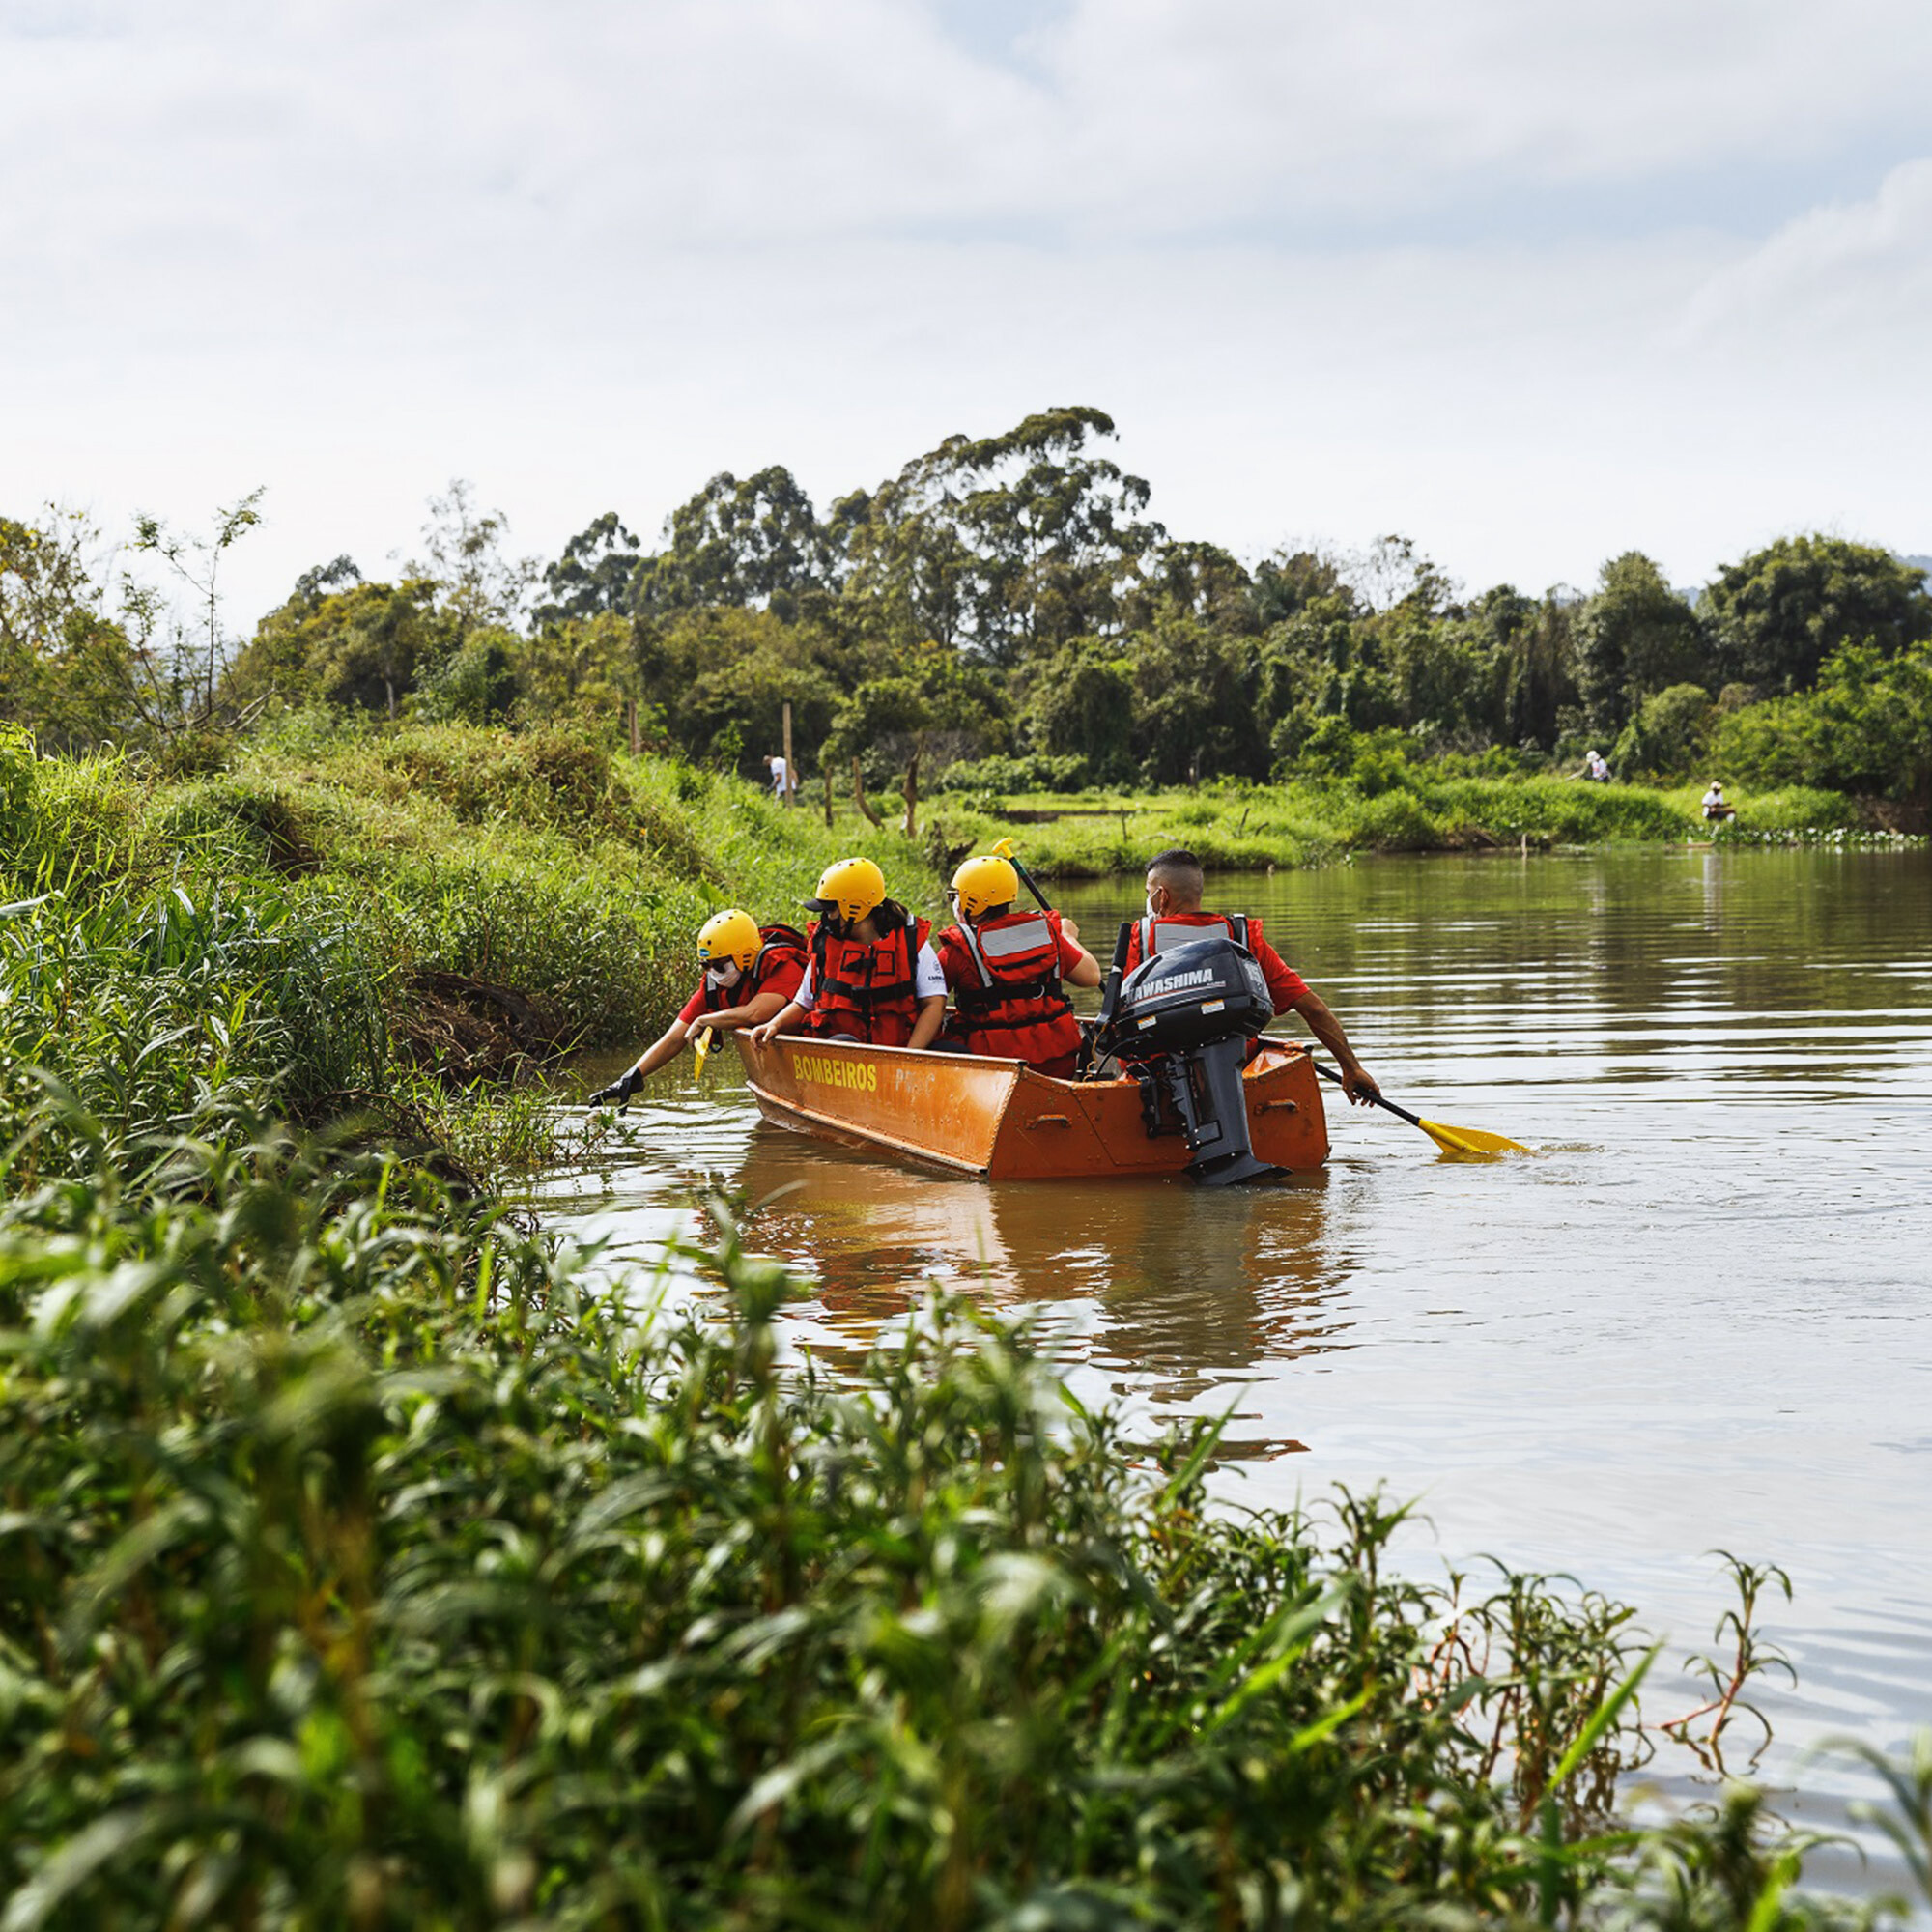 Liga do Bem Embraed promove mutirão de limpeza do Rio Camboriú e retira mais de 40 sacos de lixo